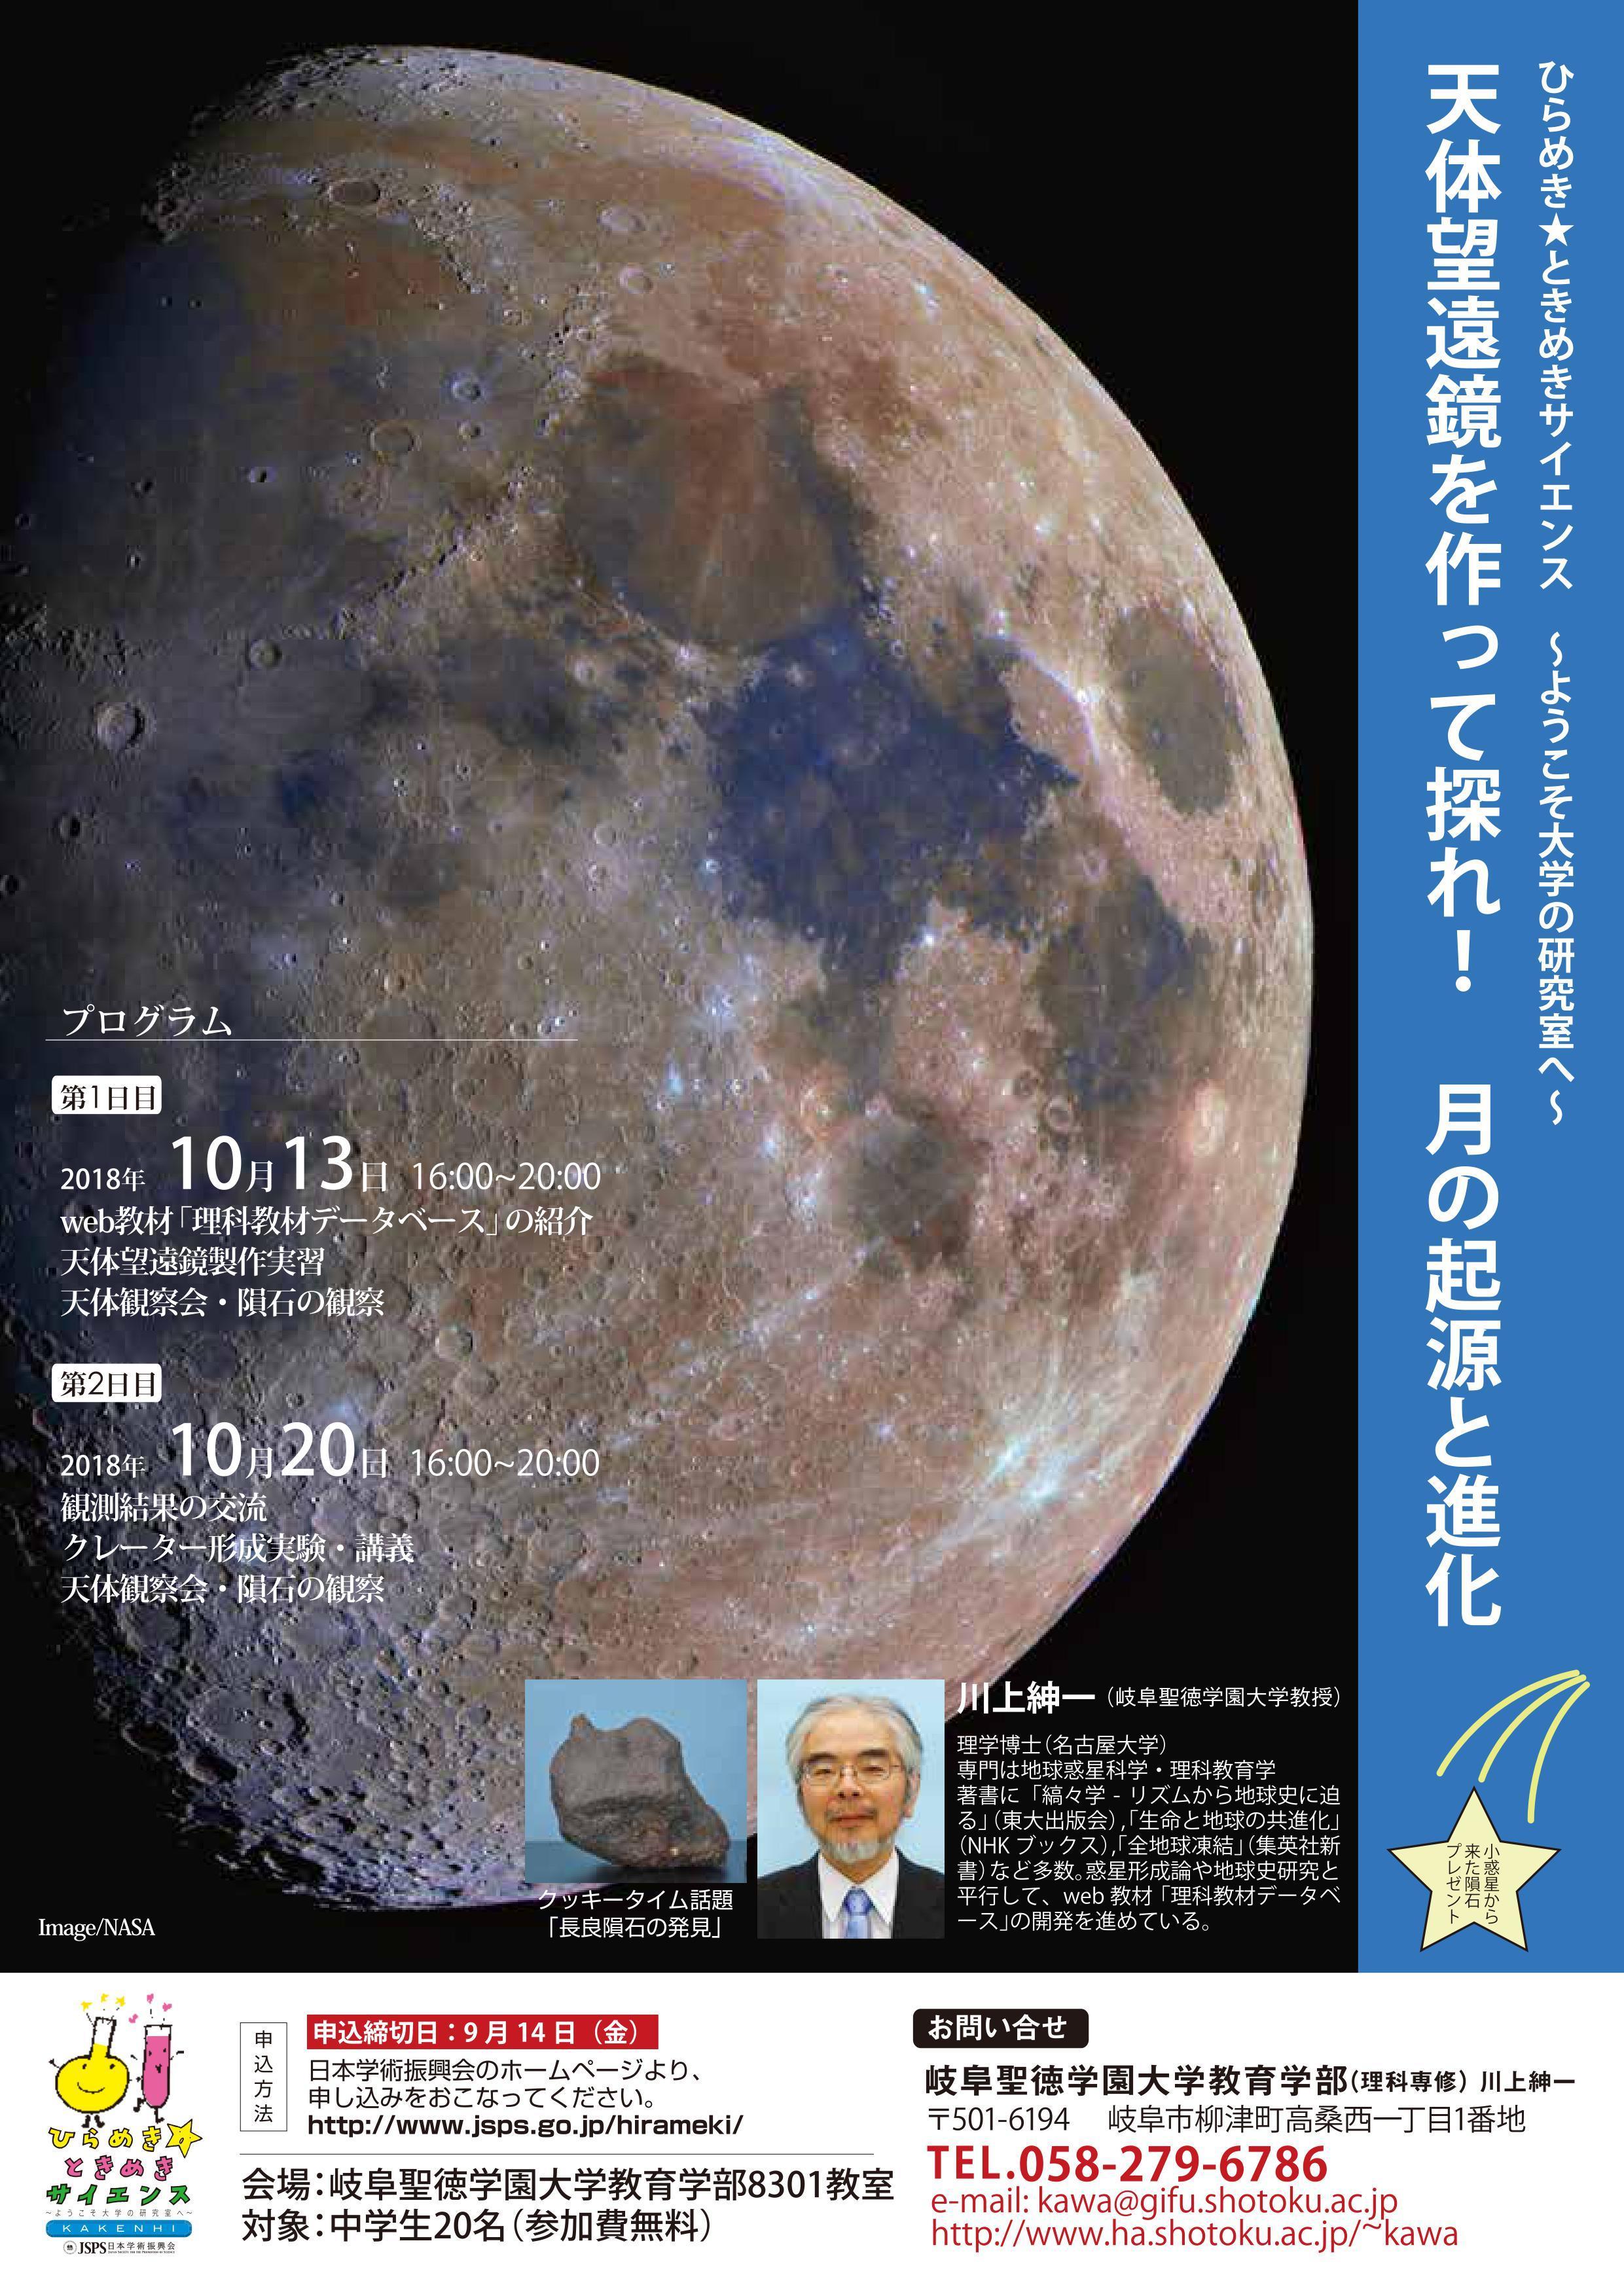 岐阜聖徳学園大学の川上紳一教授が2018年度ひらめき☆ときめきサイエンス「天体望遠鏡を作って探れ! 月の起源と進化」を開催。